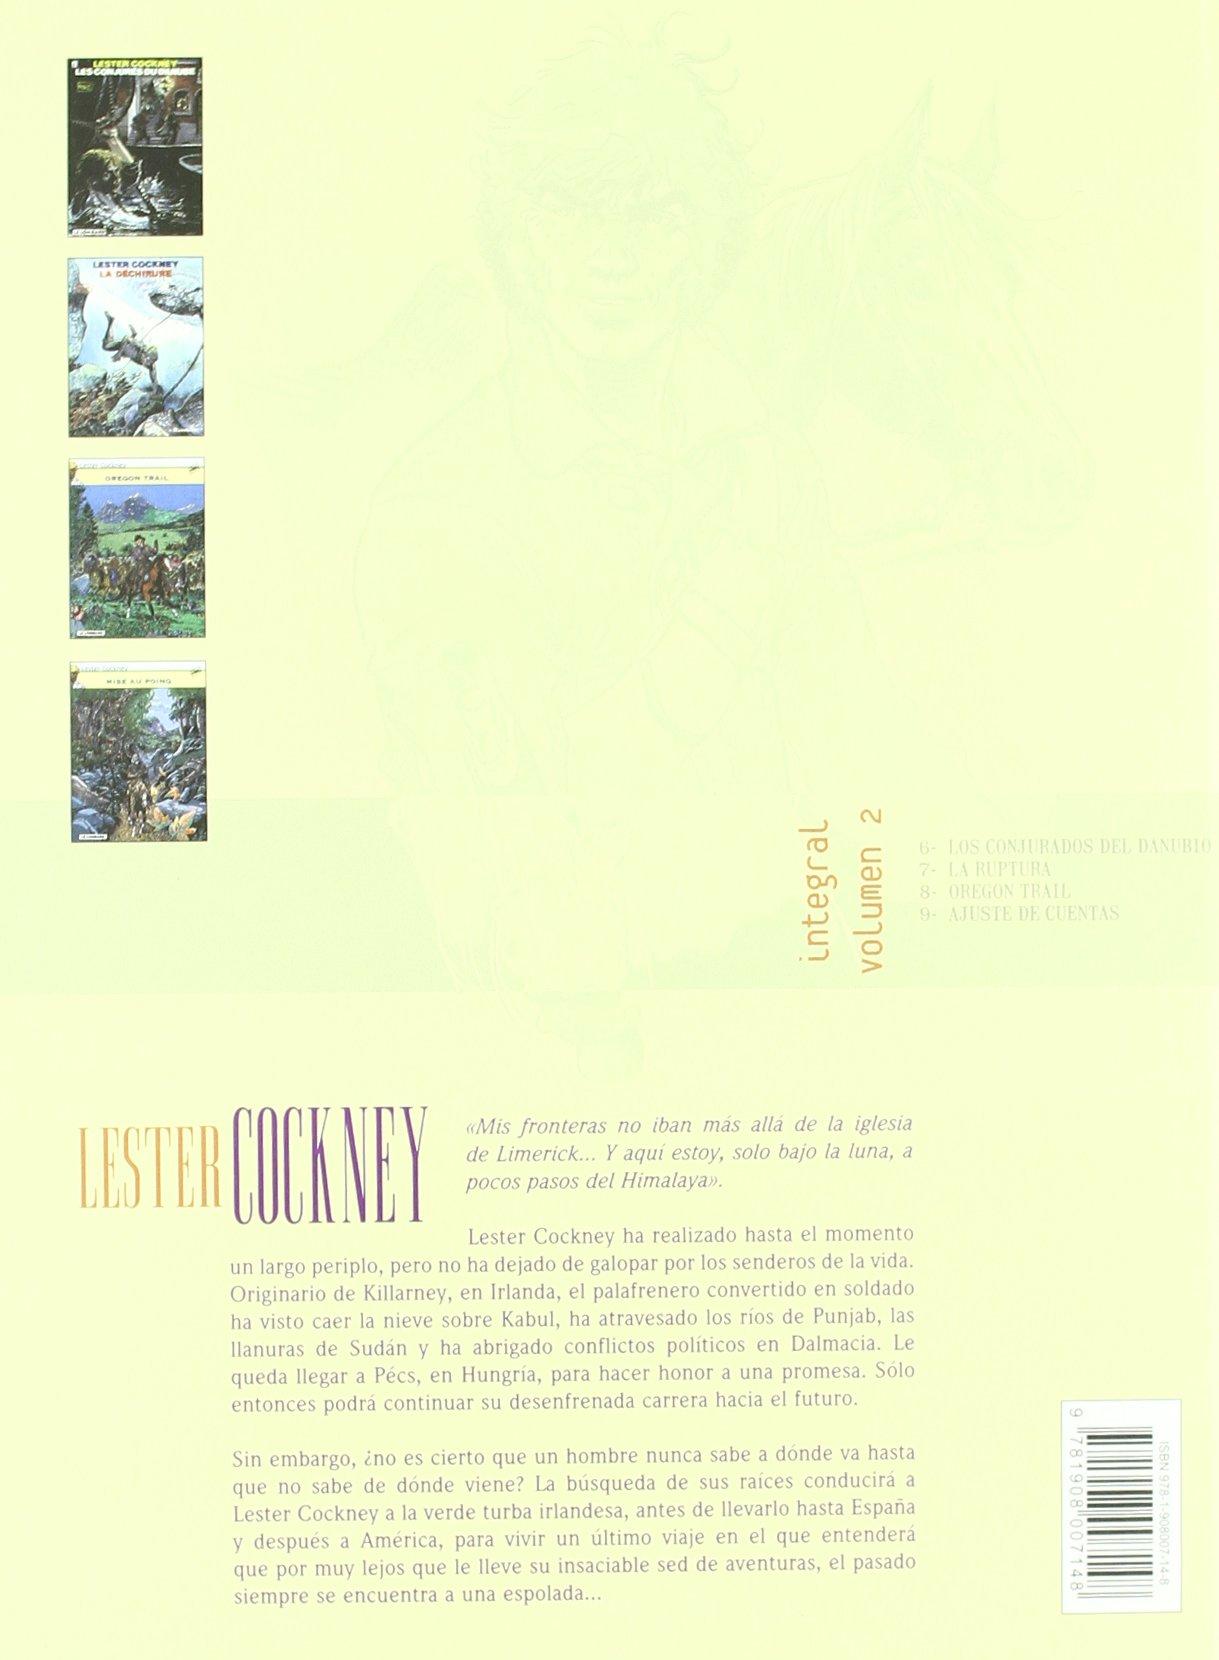 Lester Cockney Integral Vol. 2: Amazon.es: Franz: Libros